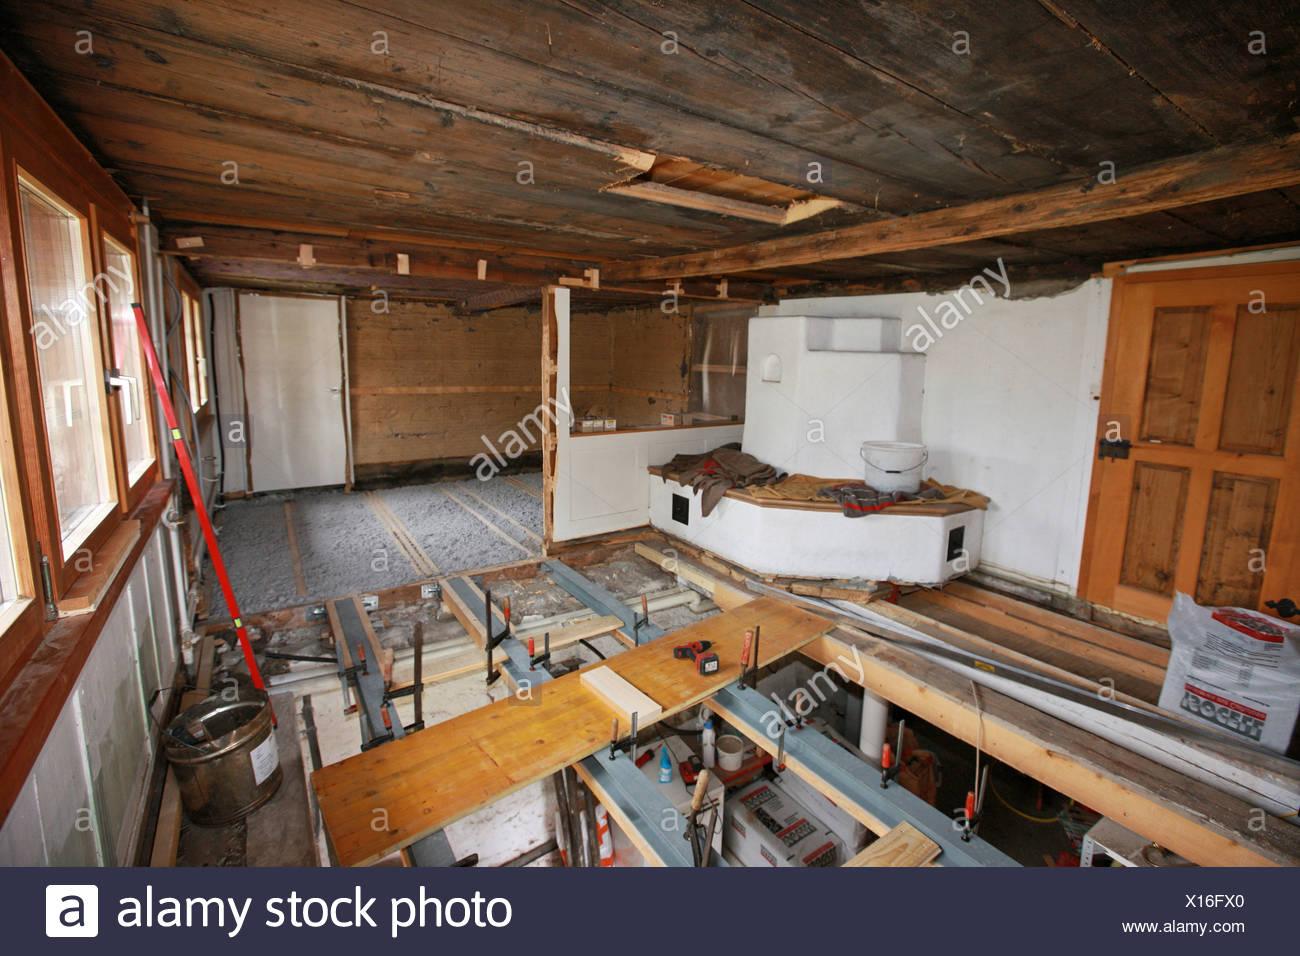 Schweiz Europa Indoor Innen Bodenbelag Holz Arbeiten Arbeit Alte Haus  Wohnung Zimmer Job Renovieren Renovieren